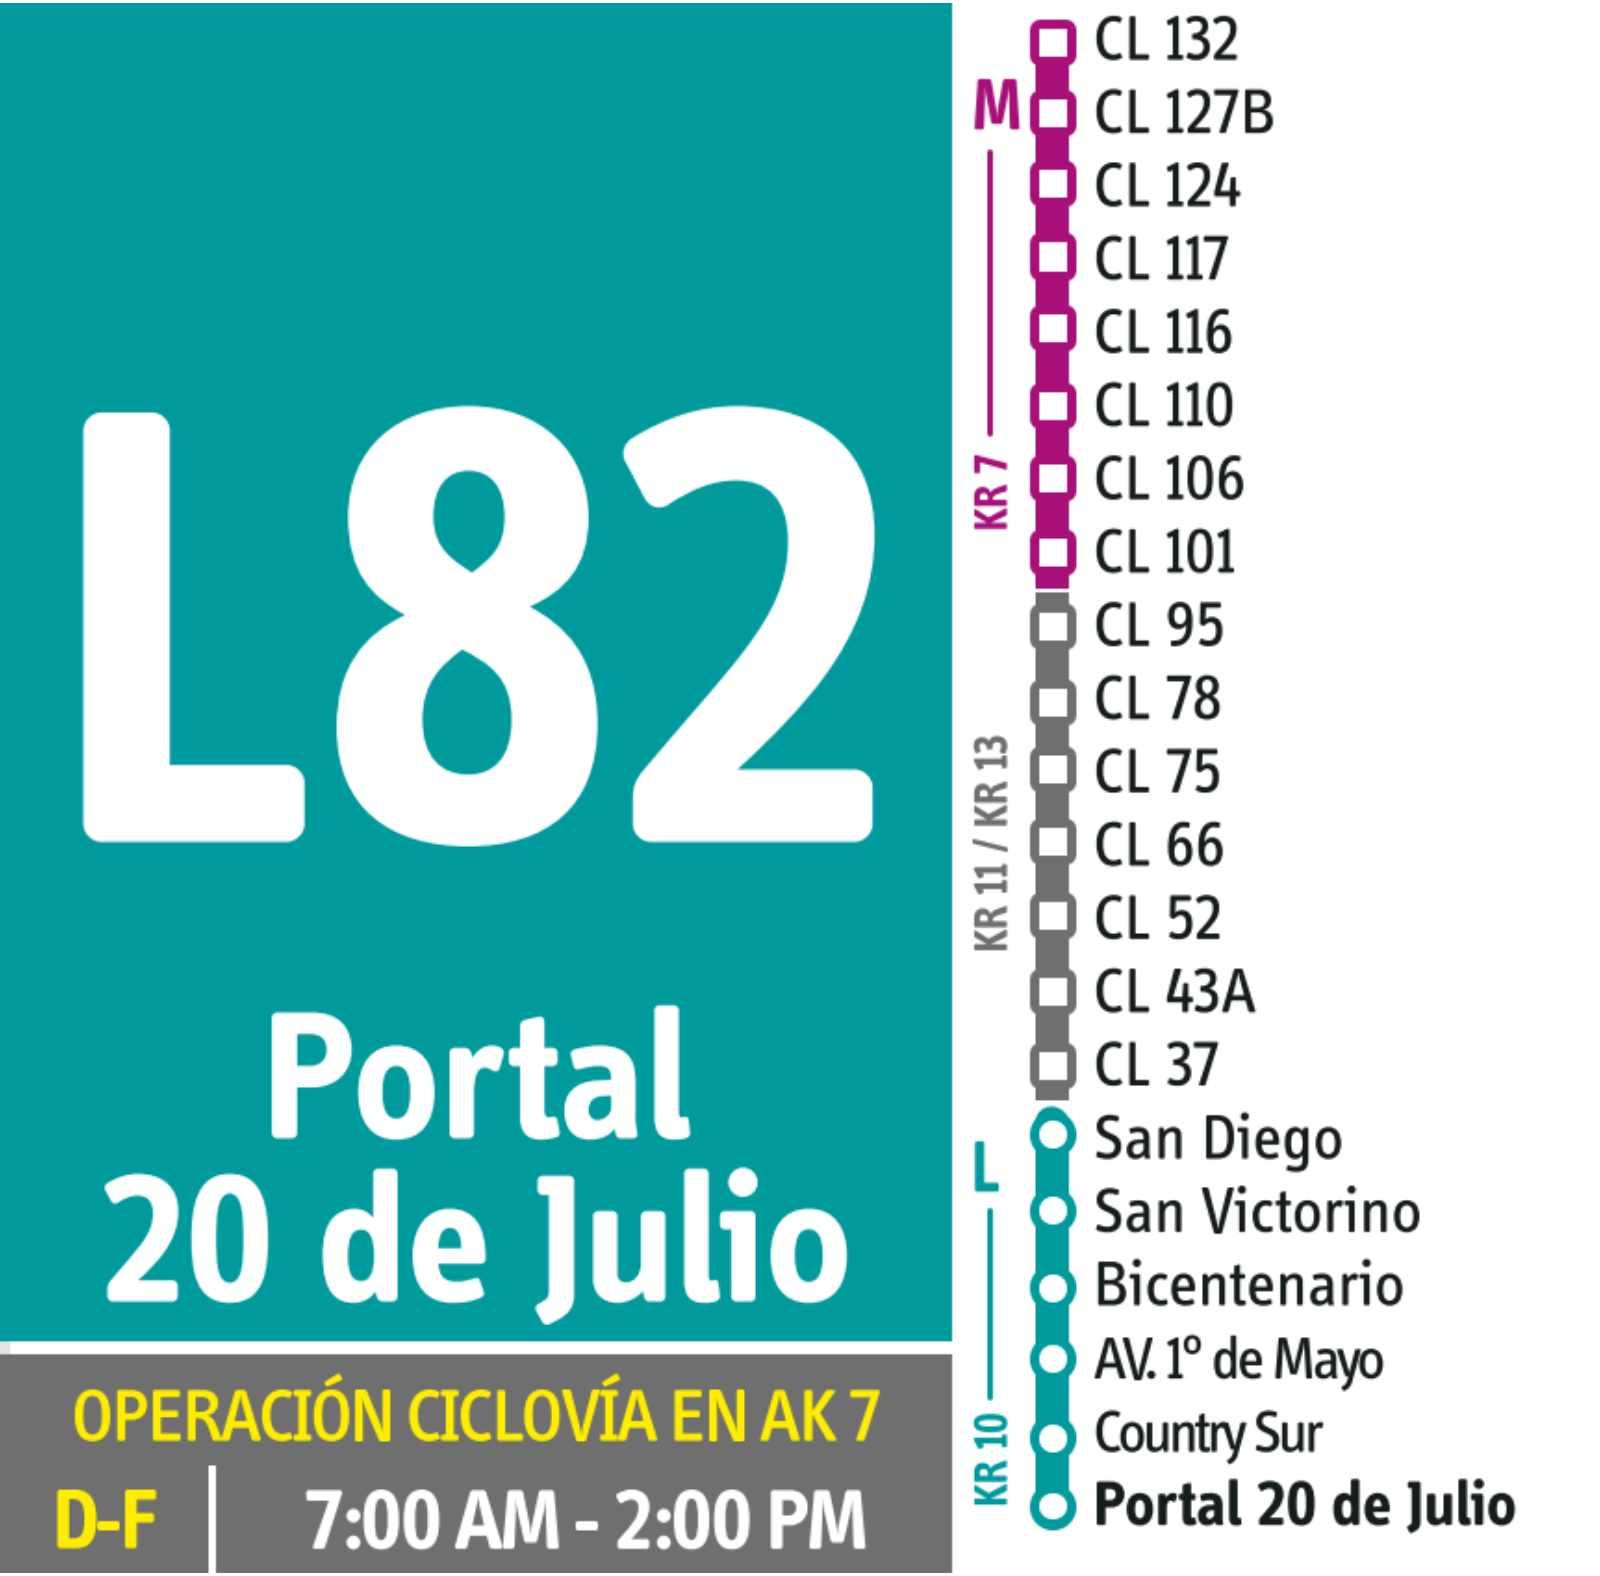 L82 >Clínica El Bosque -Portal 20 de Julio (DUAL) - festivos